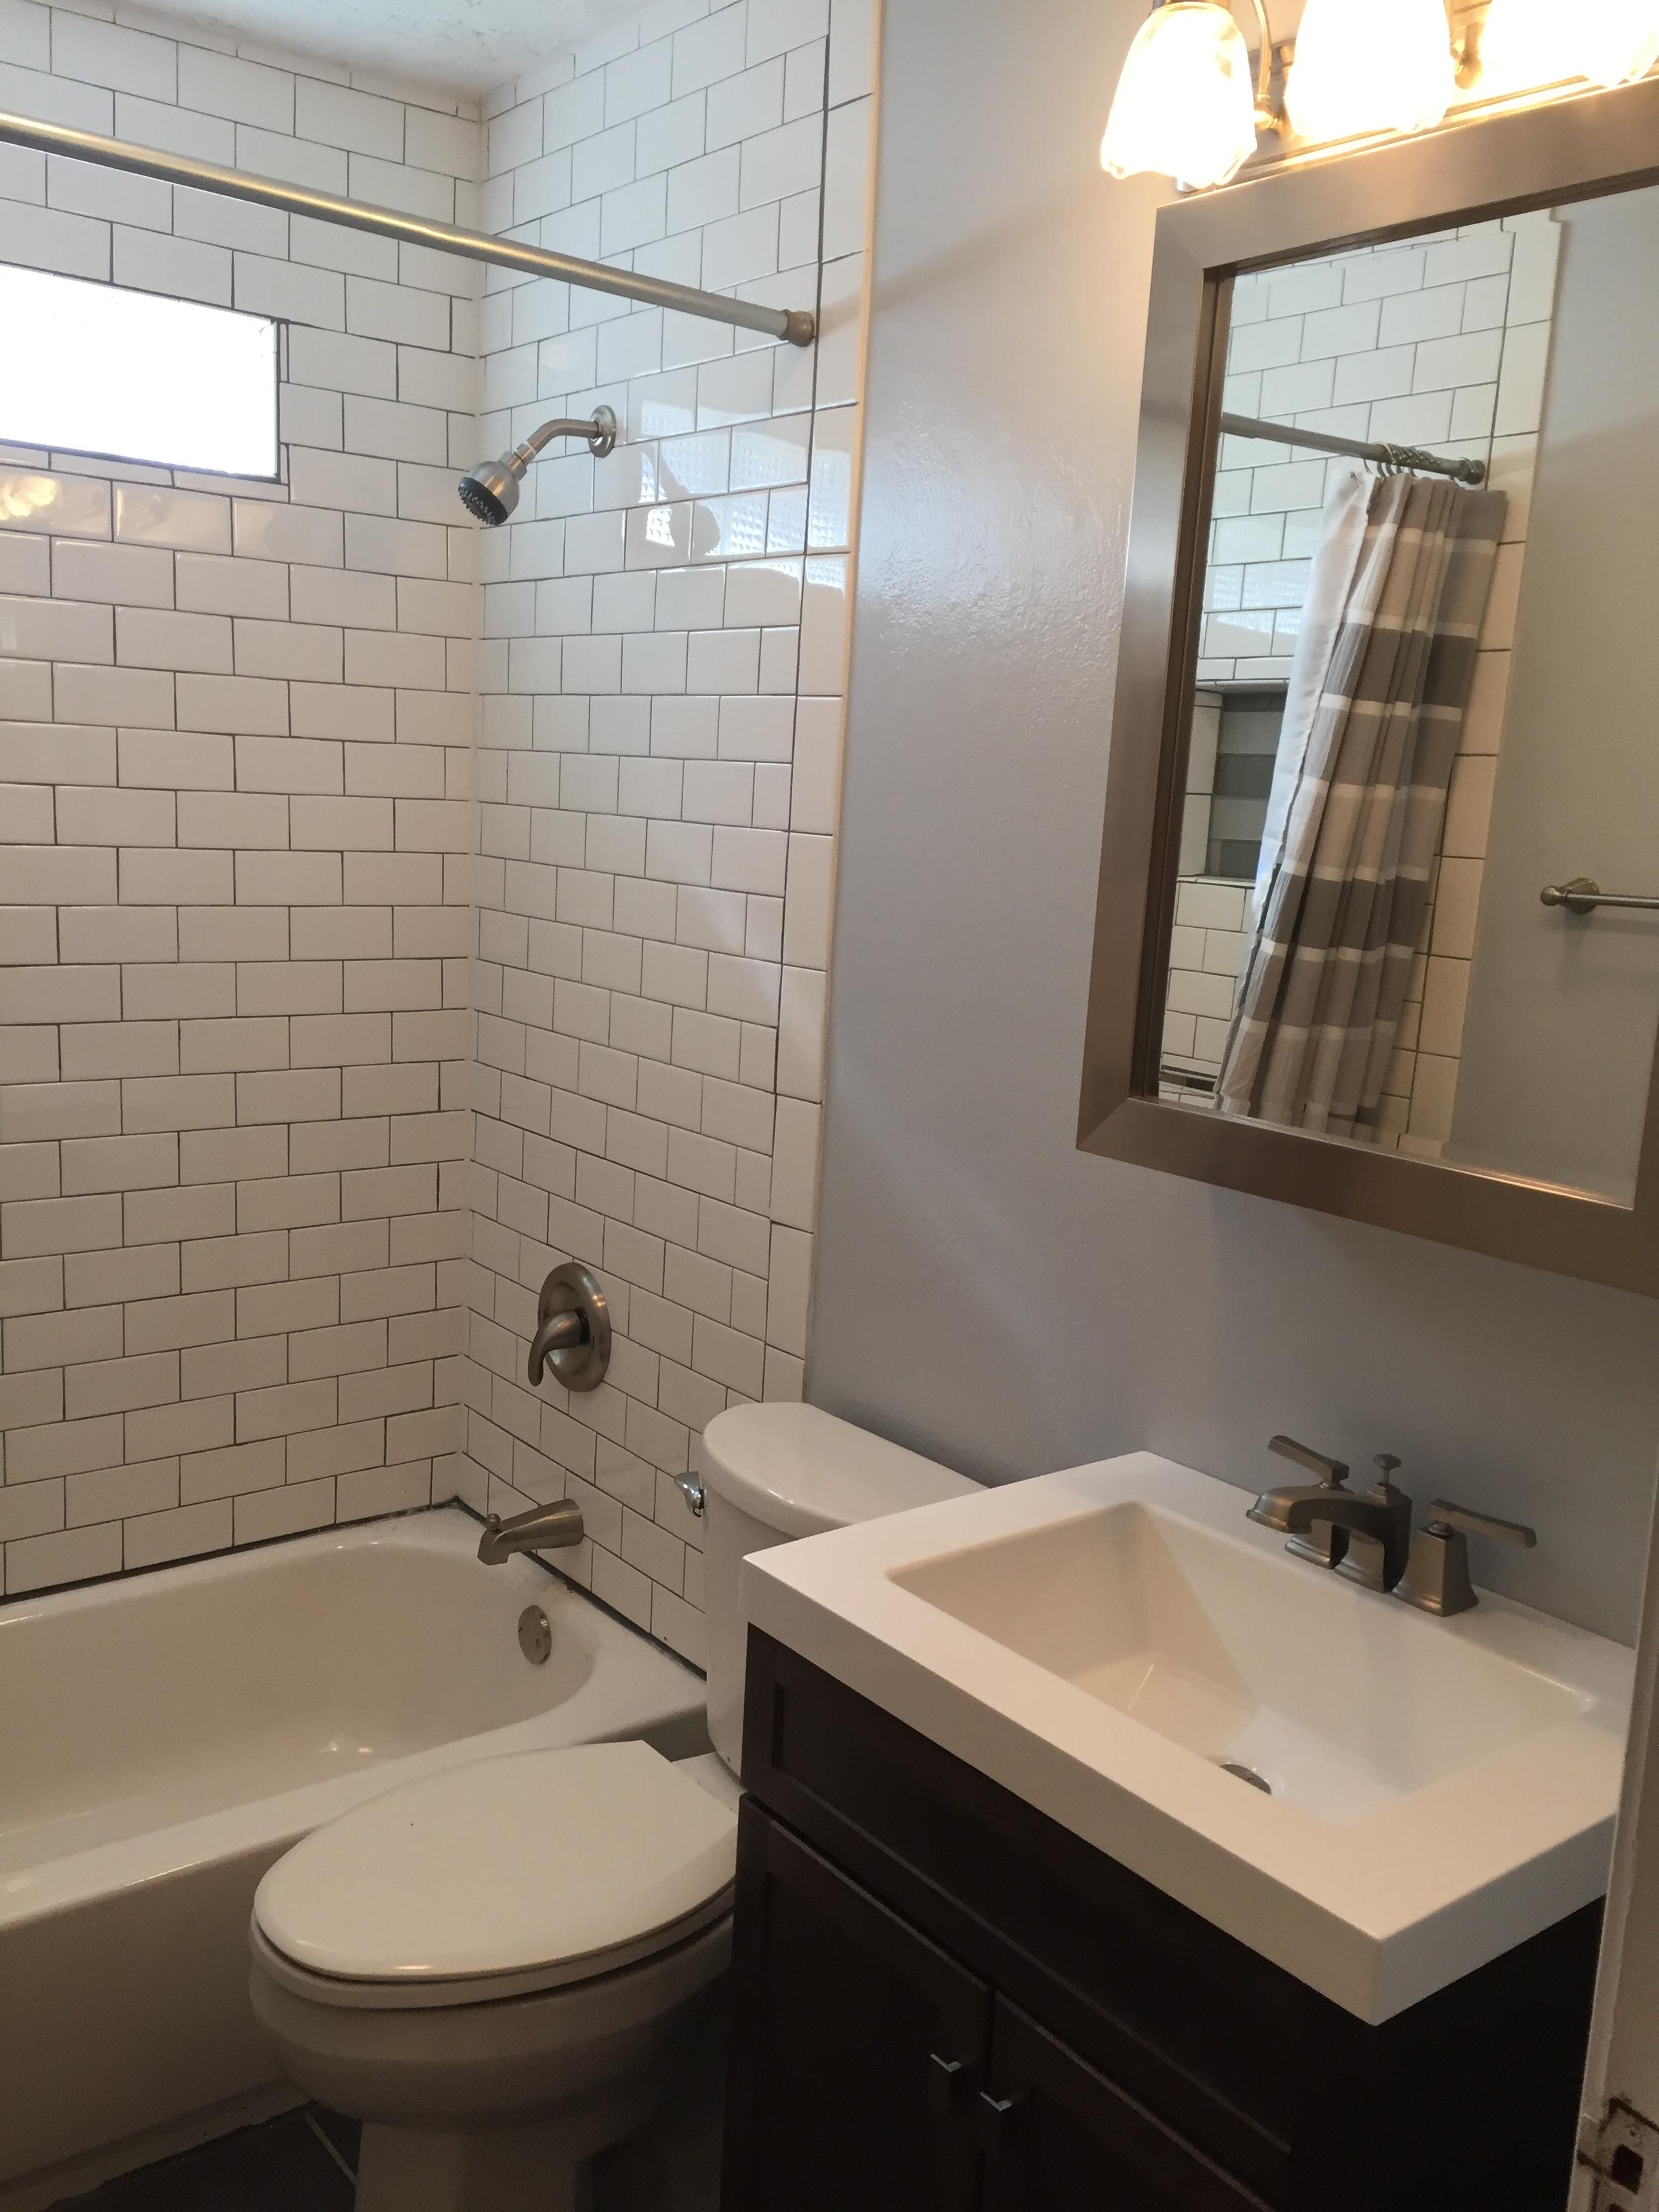 Bathroom Remodel - After